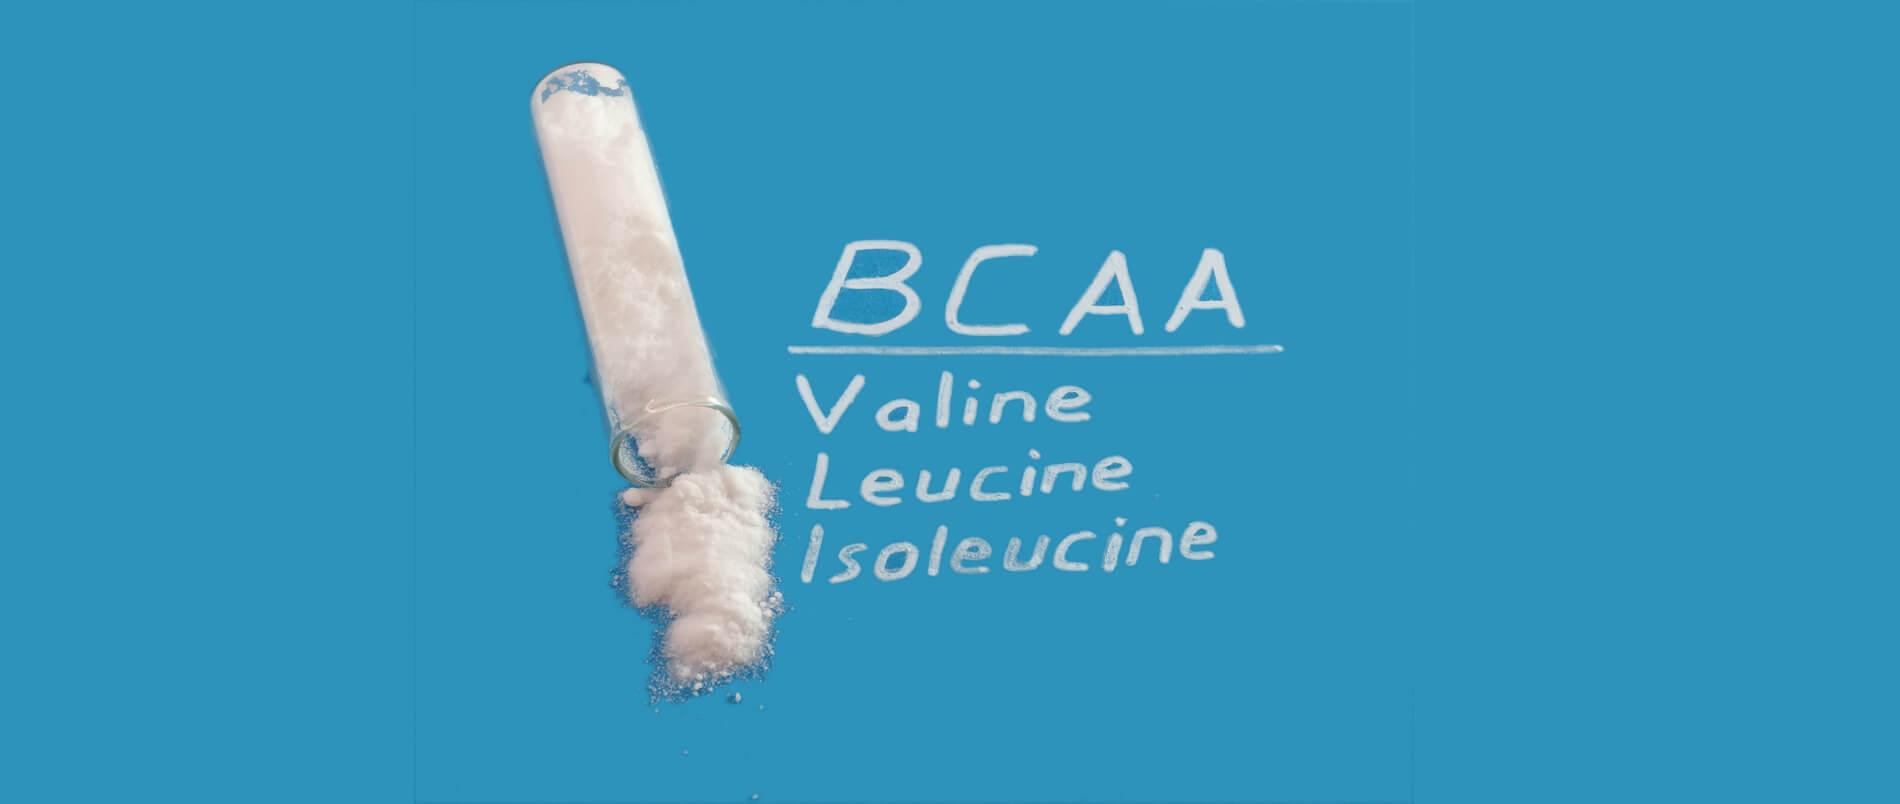 BCAA効果特徴